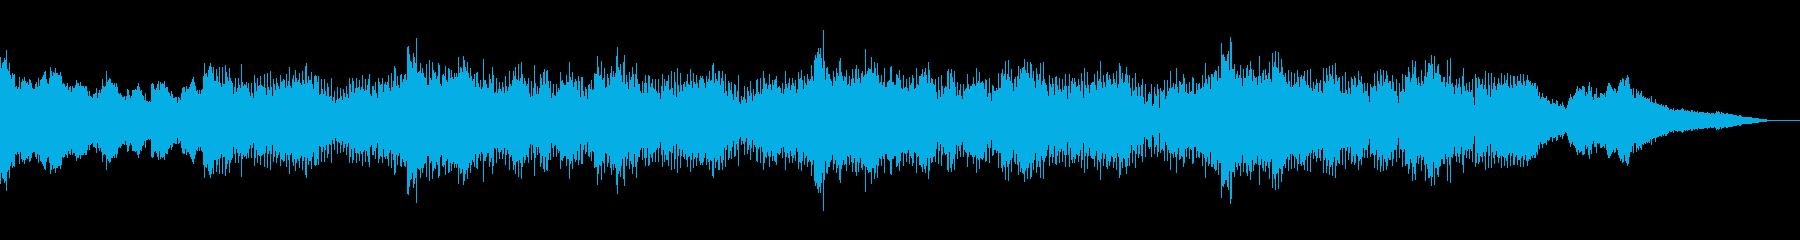 ホラーな囁きのテクスチャIDMの再生済みの波形